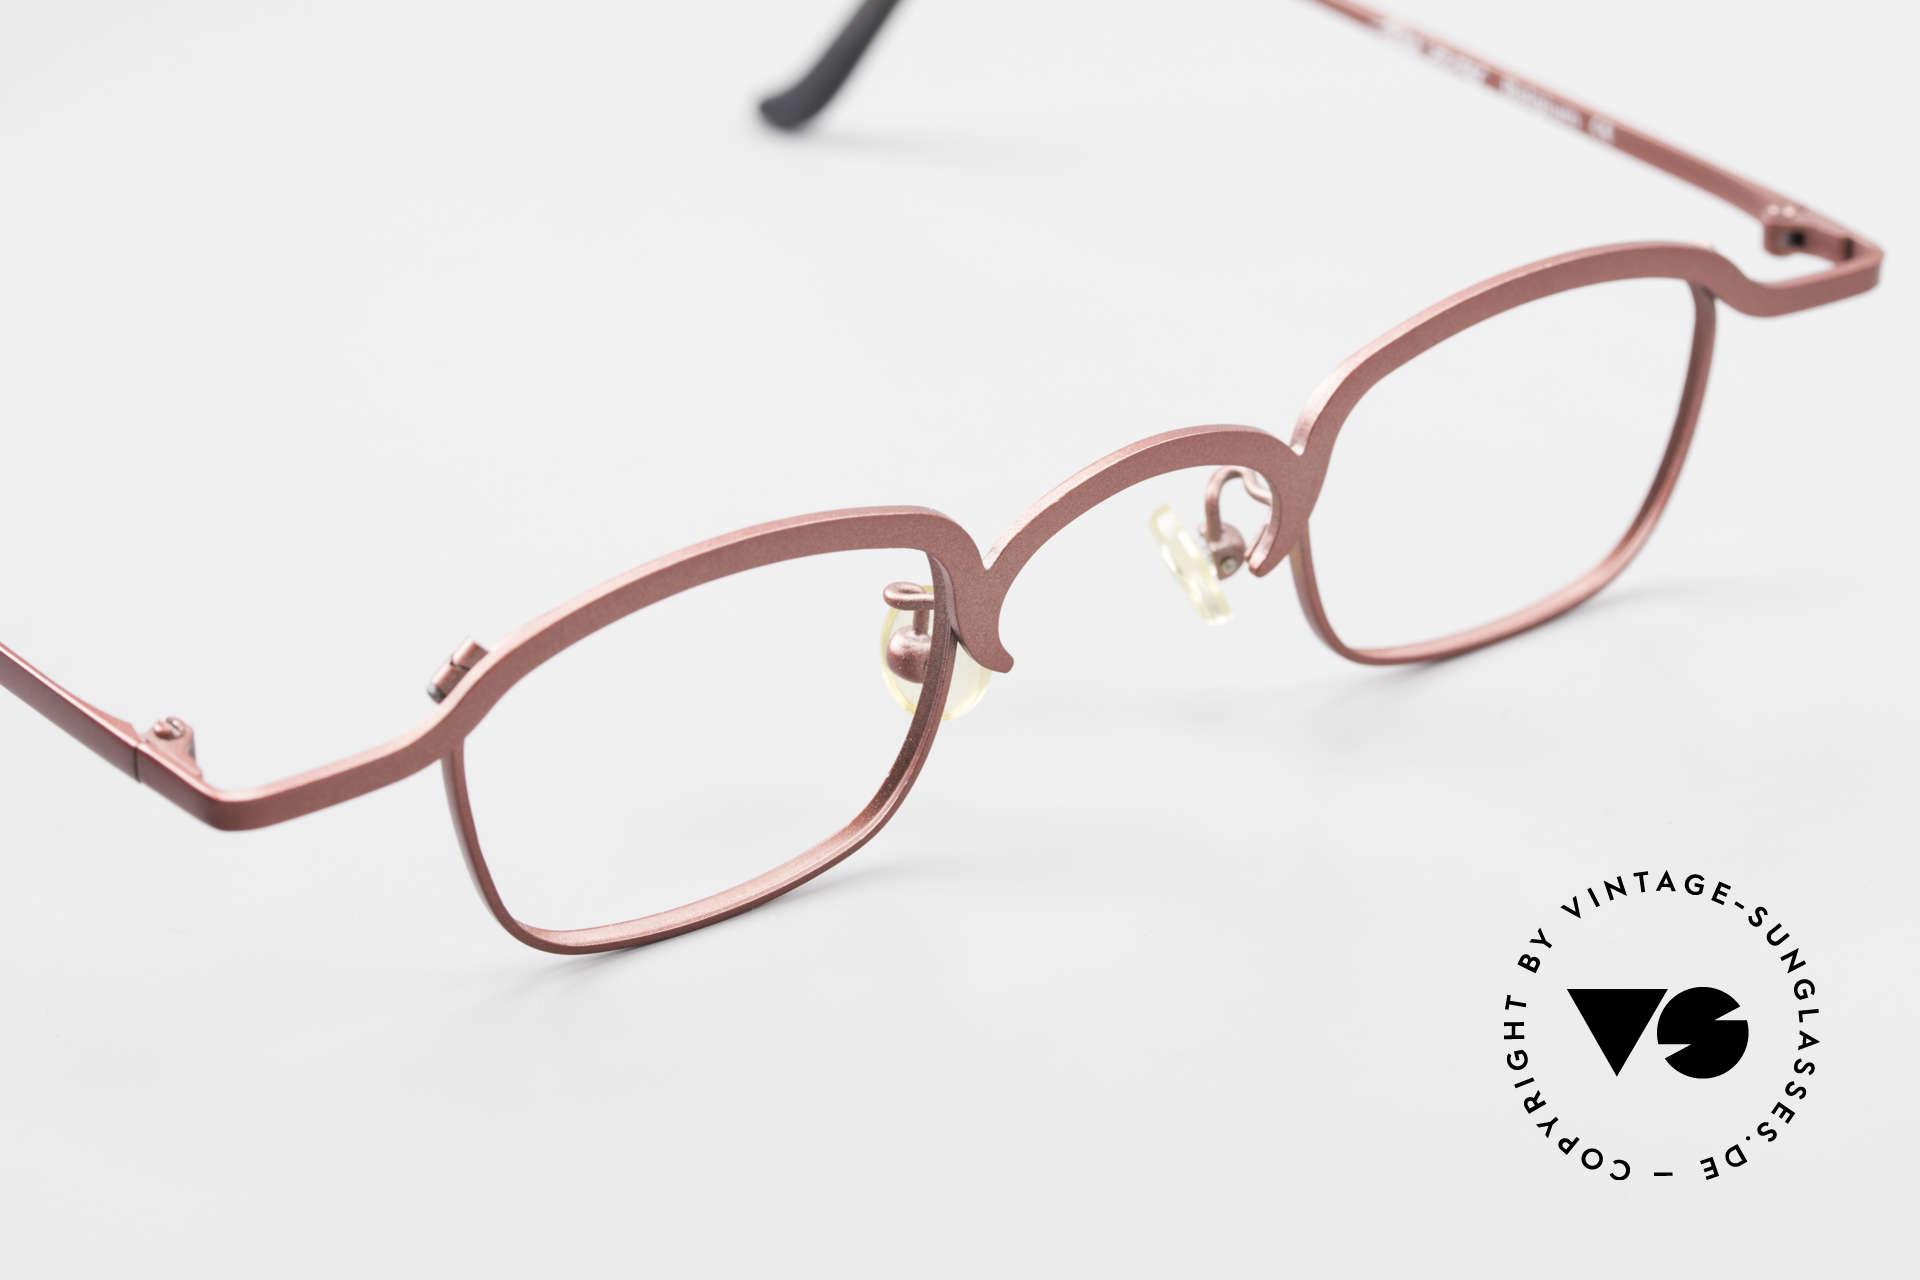 Theo Belgium Armes Vollrandfassung Metall Brille, ungetragenes Theo-Exemplar für die, die sich trauen, Passend für Herren und Damen